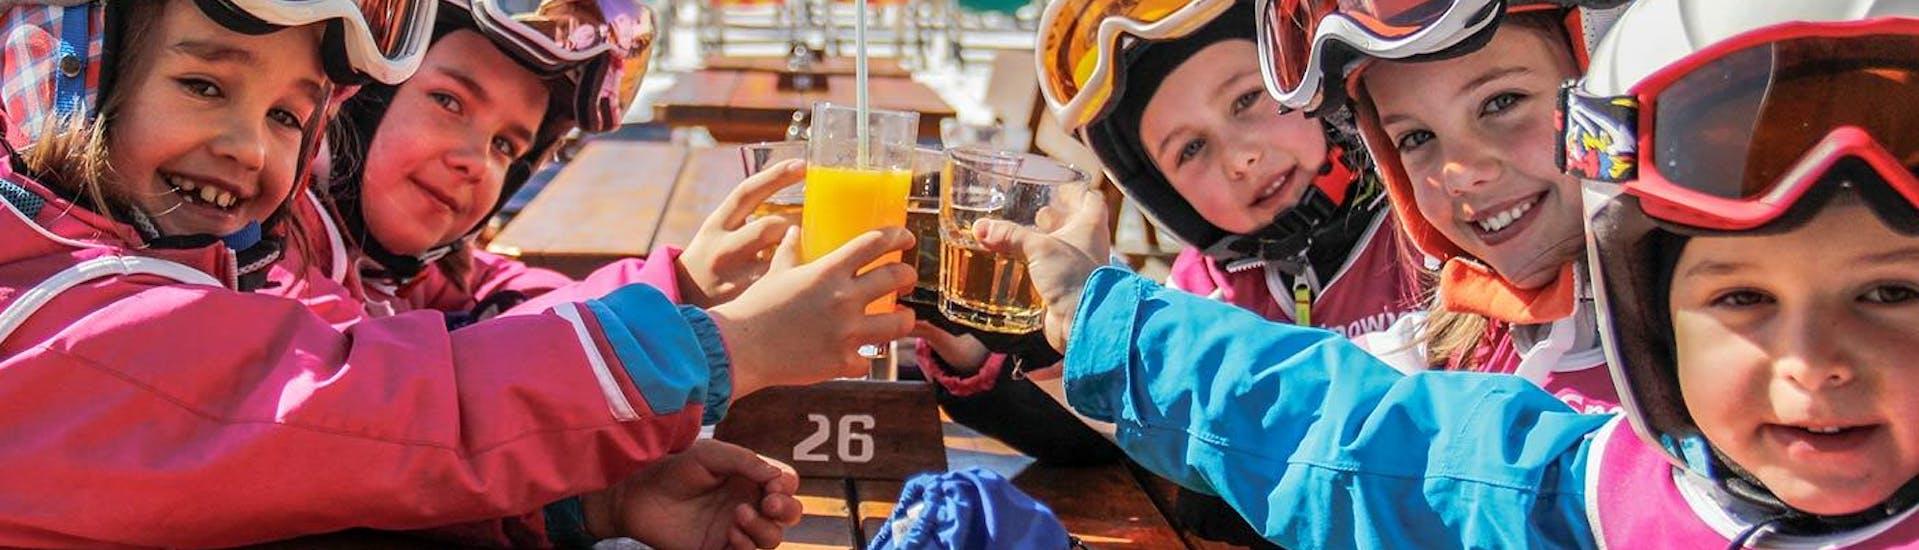 Cours de ski Enfants dès 4 ans pour Tous niveaux avec Scuola di Sci e Snowboard Dolomites Armentarola - Hero image